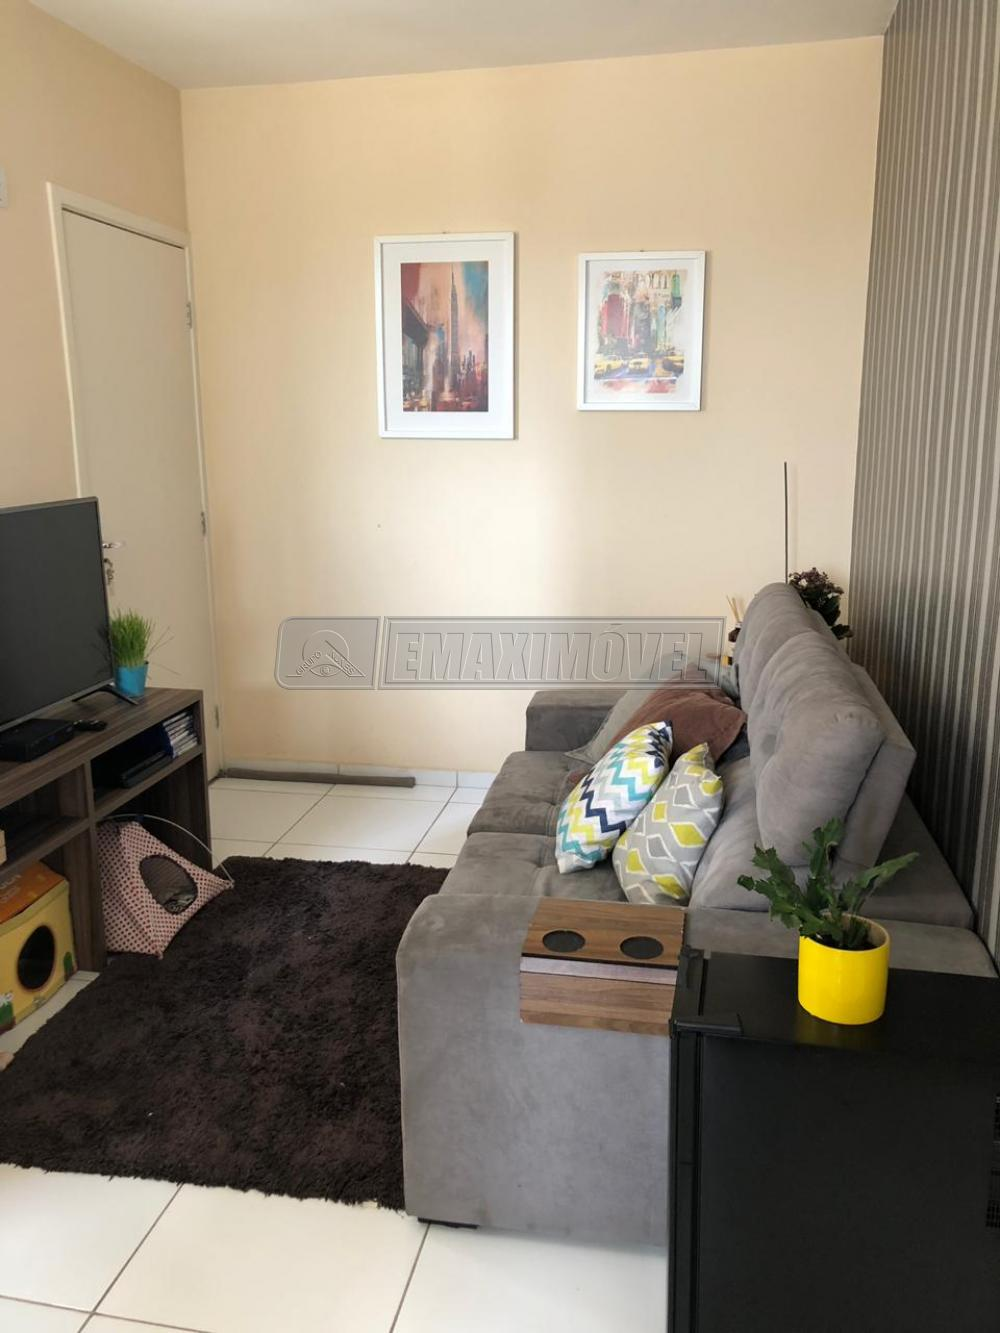 Alugar Apartamentos / Apto Padrão em Sorocaba apenas R$ 820,00 - Foto 2